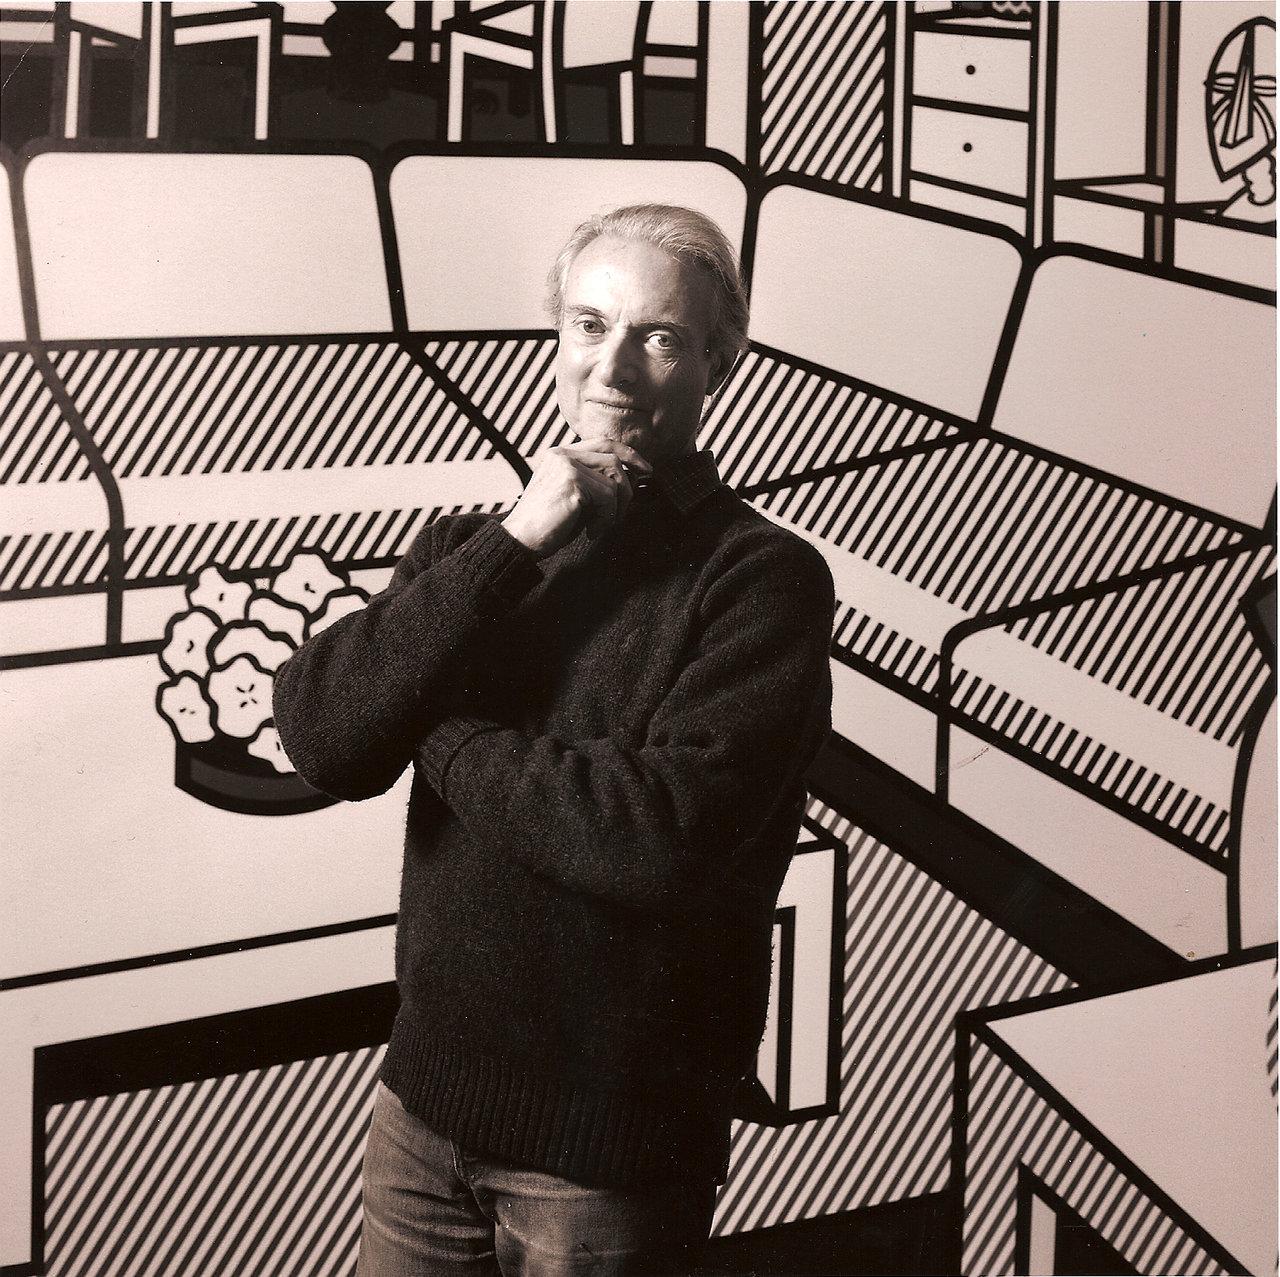 Roy Lichetnstein